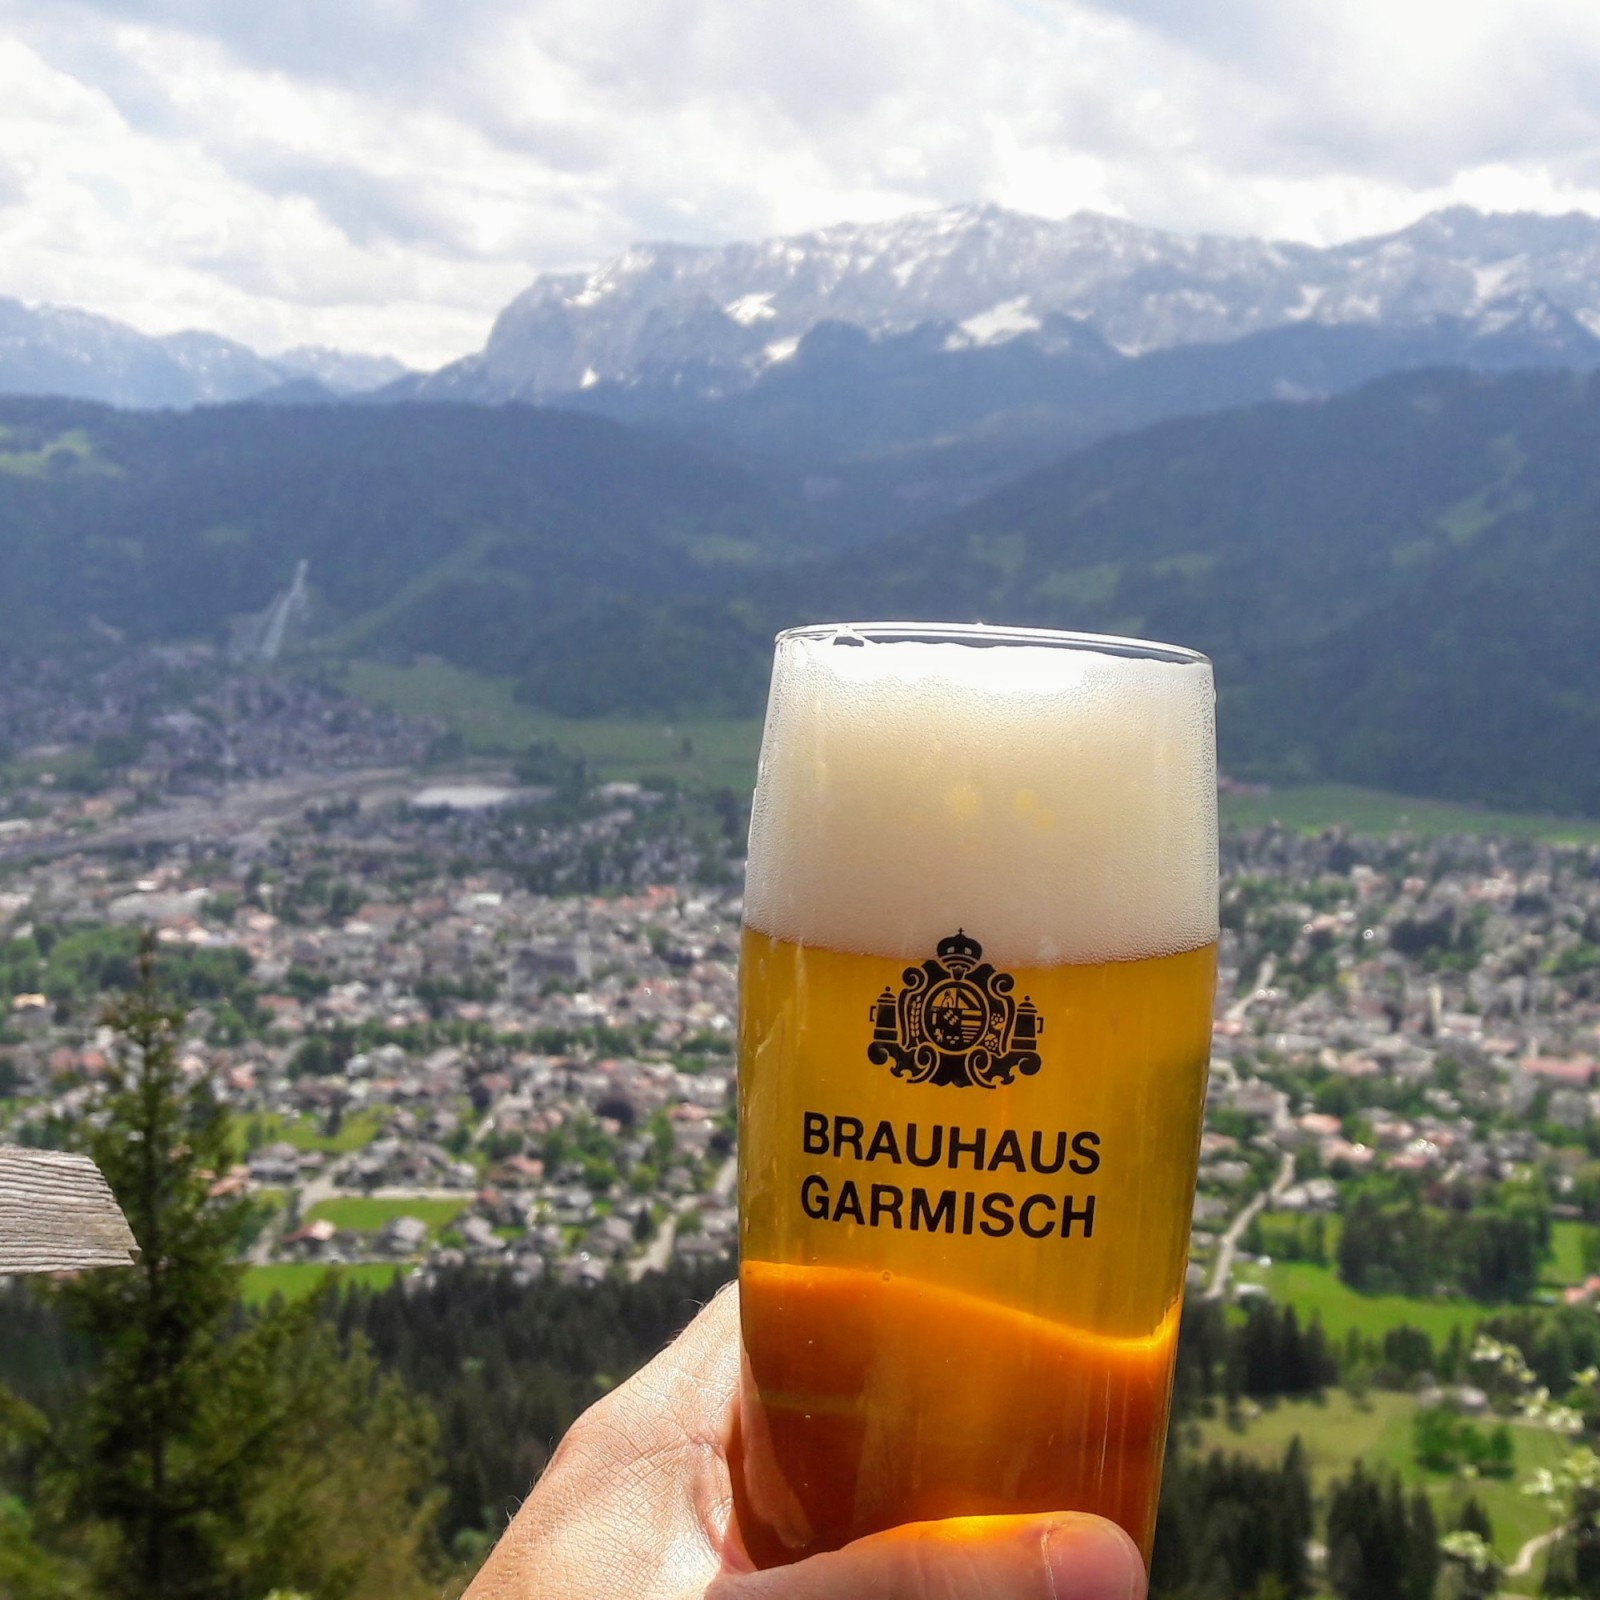 Ausflug auf den Grasberg (St. Martin) über Garmisch